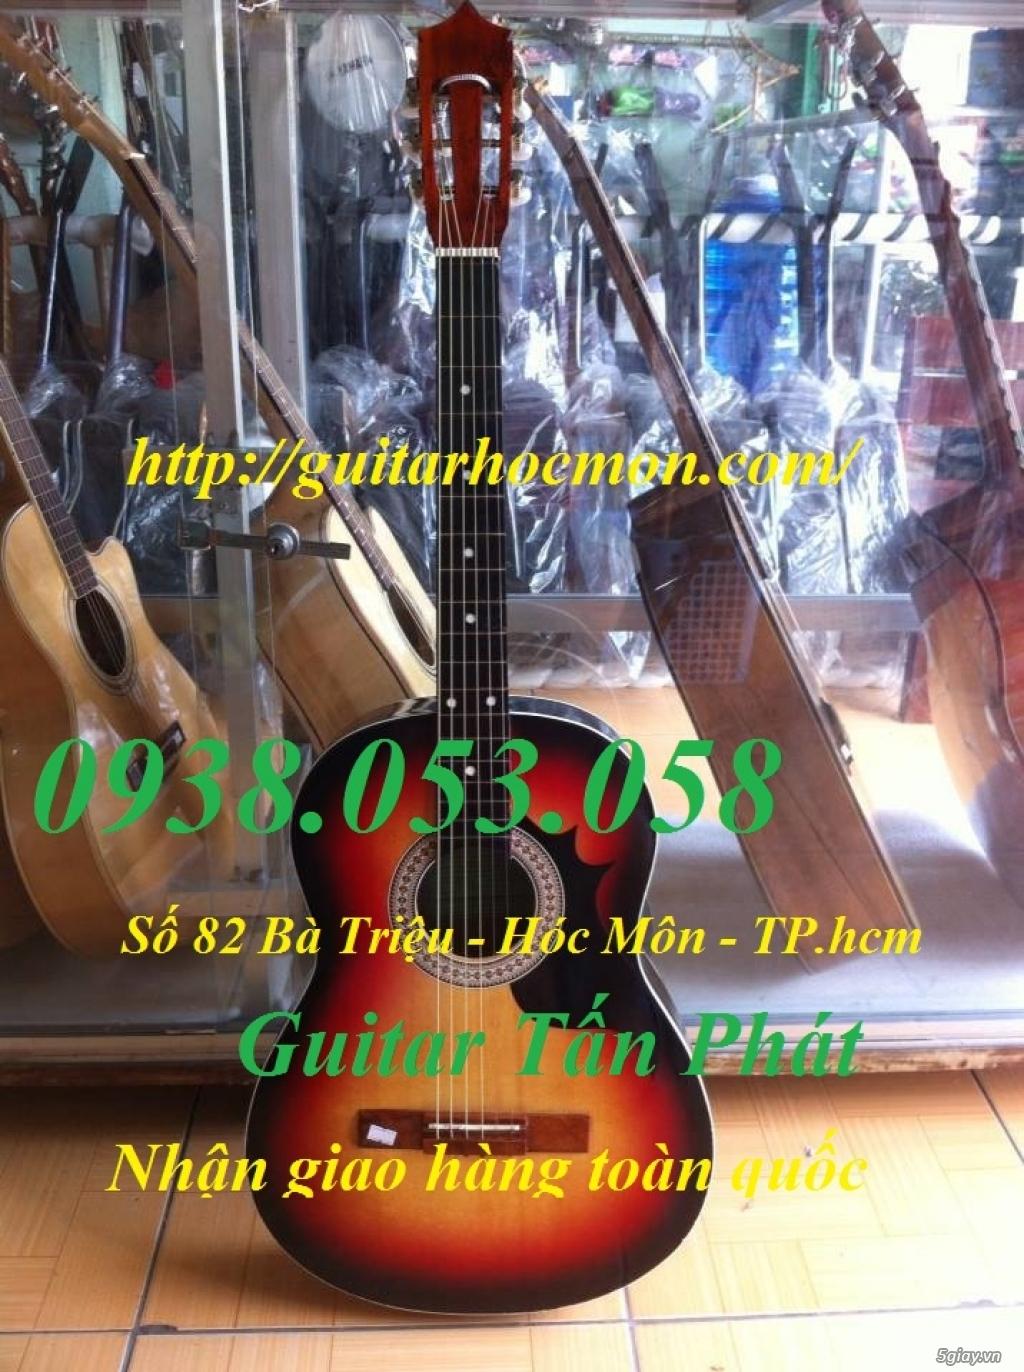 Bán Guitar Gía Rẻ Hóc Môn - 38